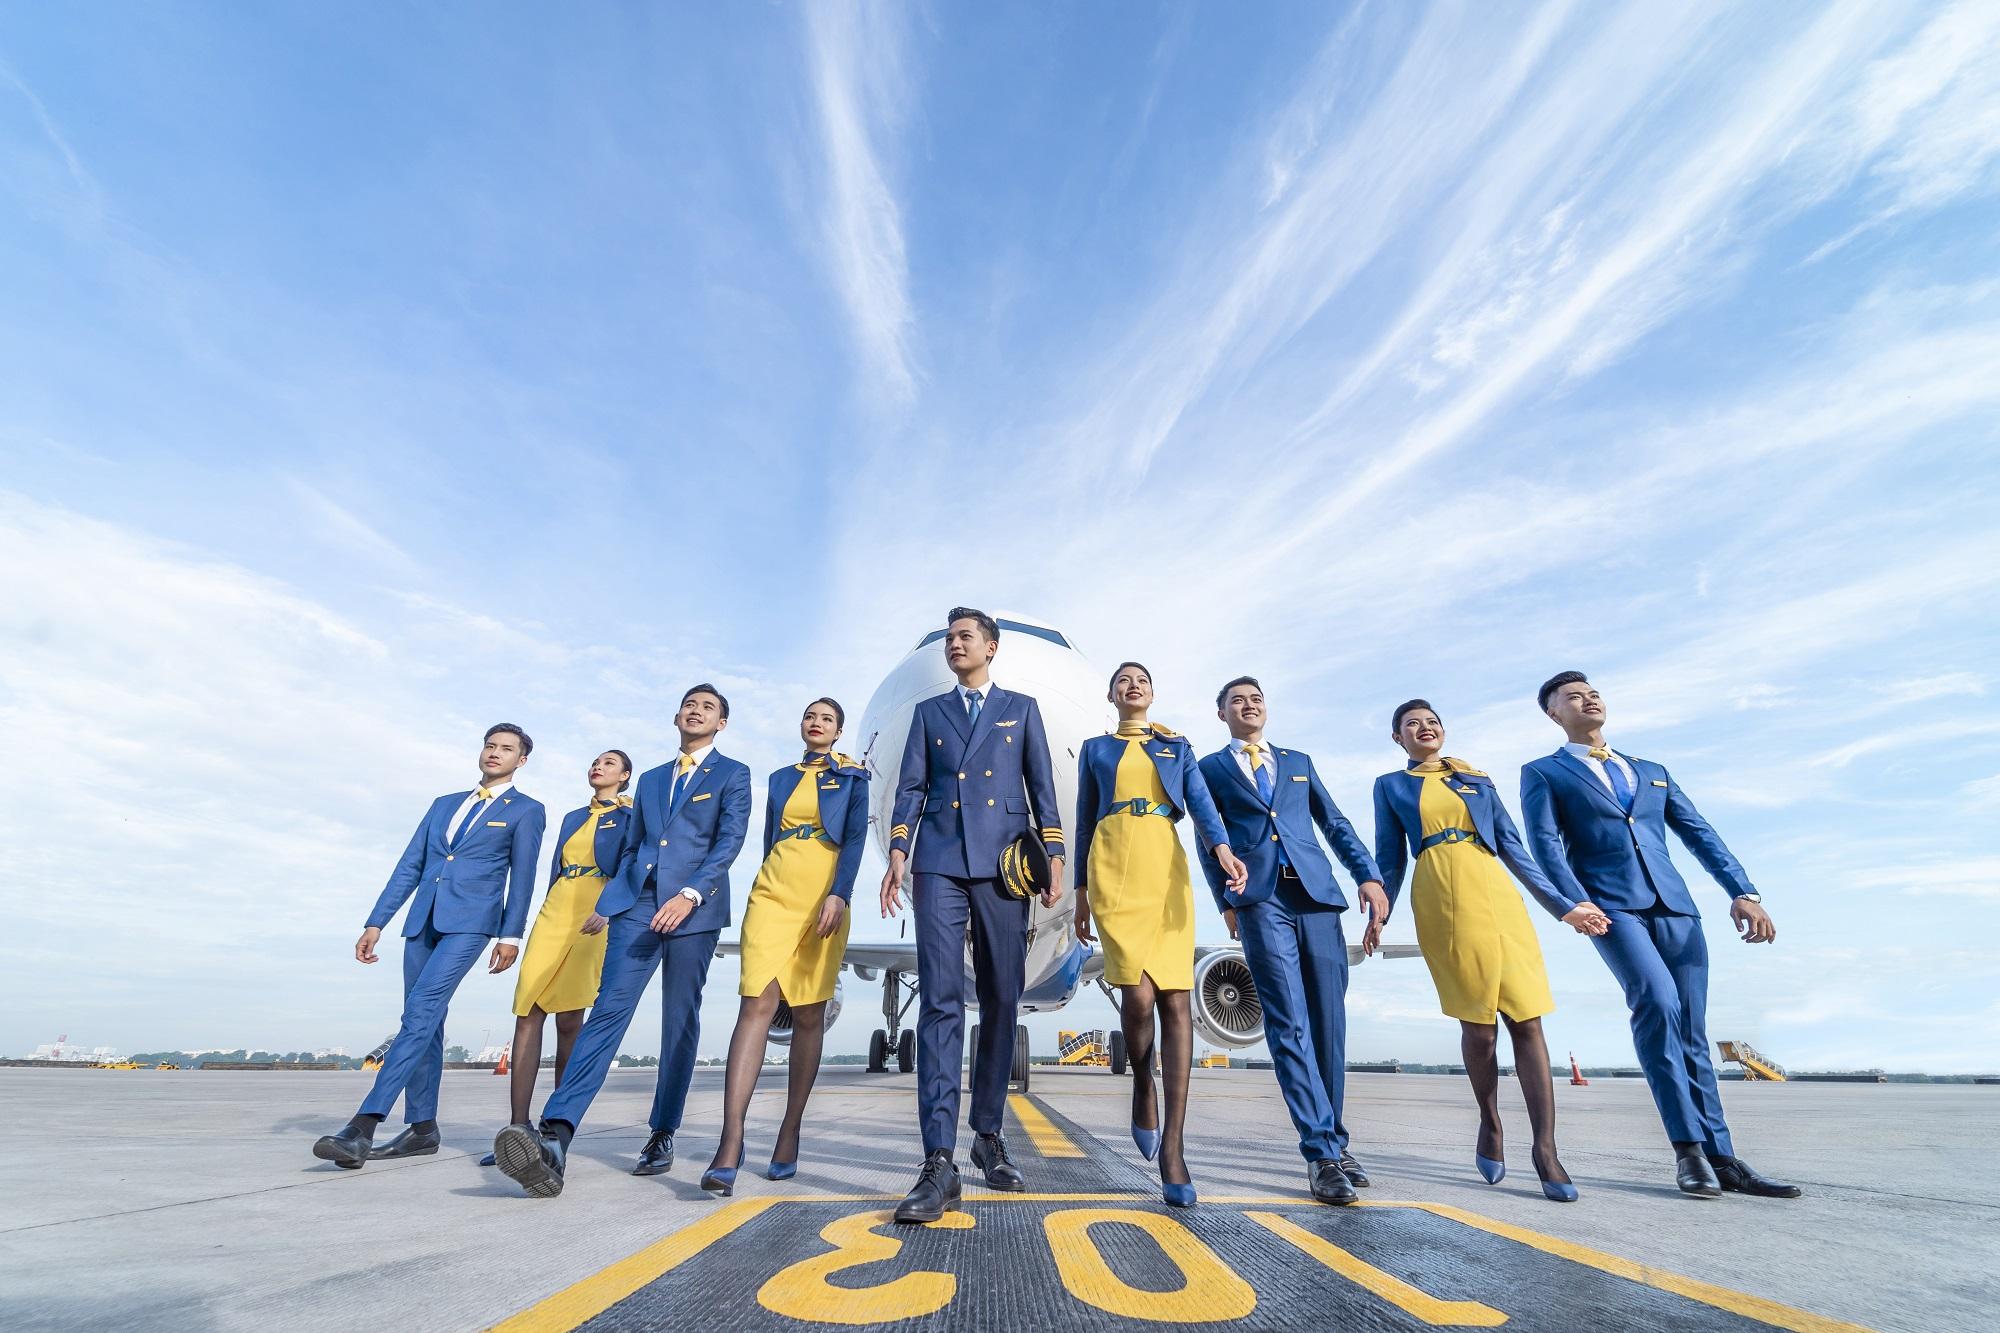 Vietravel Airlines ra đời giúp Vietravel hoàn thành hệ sinh thái dịch vụ du lịch của mình. Điều này giúp Vietravel tạo ra sự thuận tiện, chủ động để tạo ra các gói sản phẩm cạnh tranh và có chất lượng tốt nhất cho khách hàng.